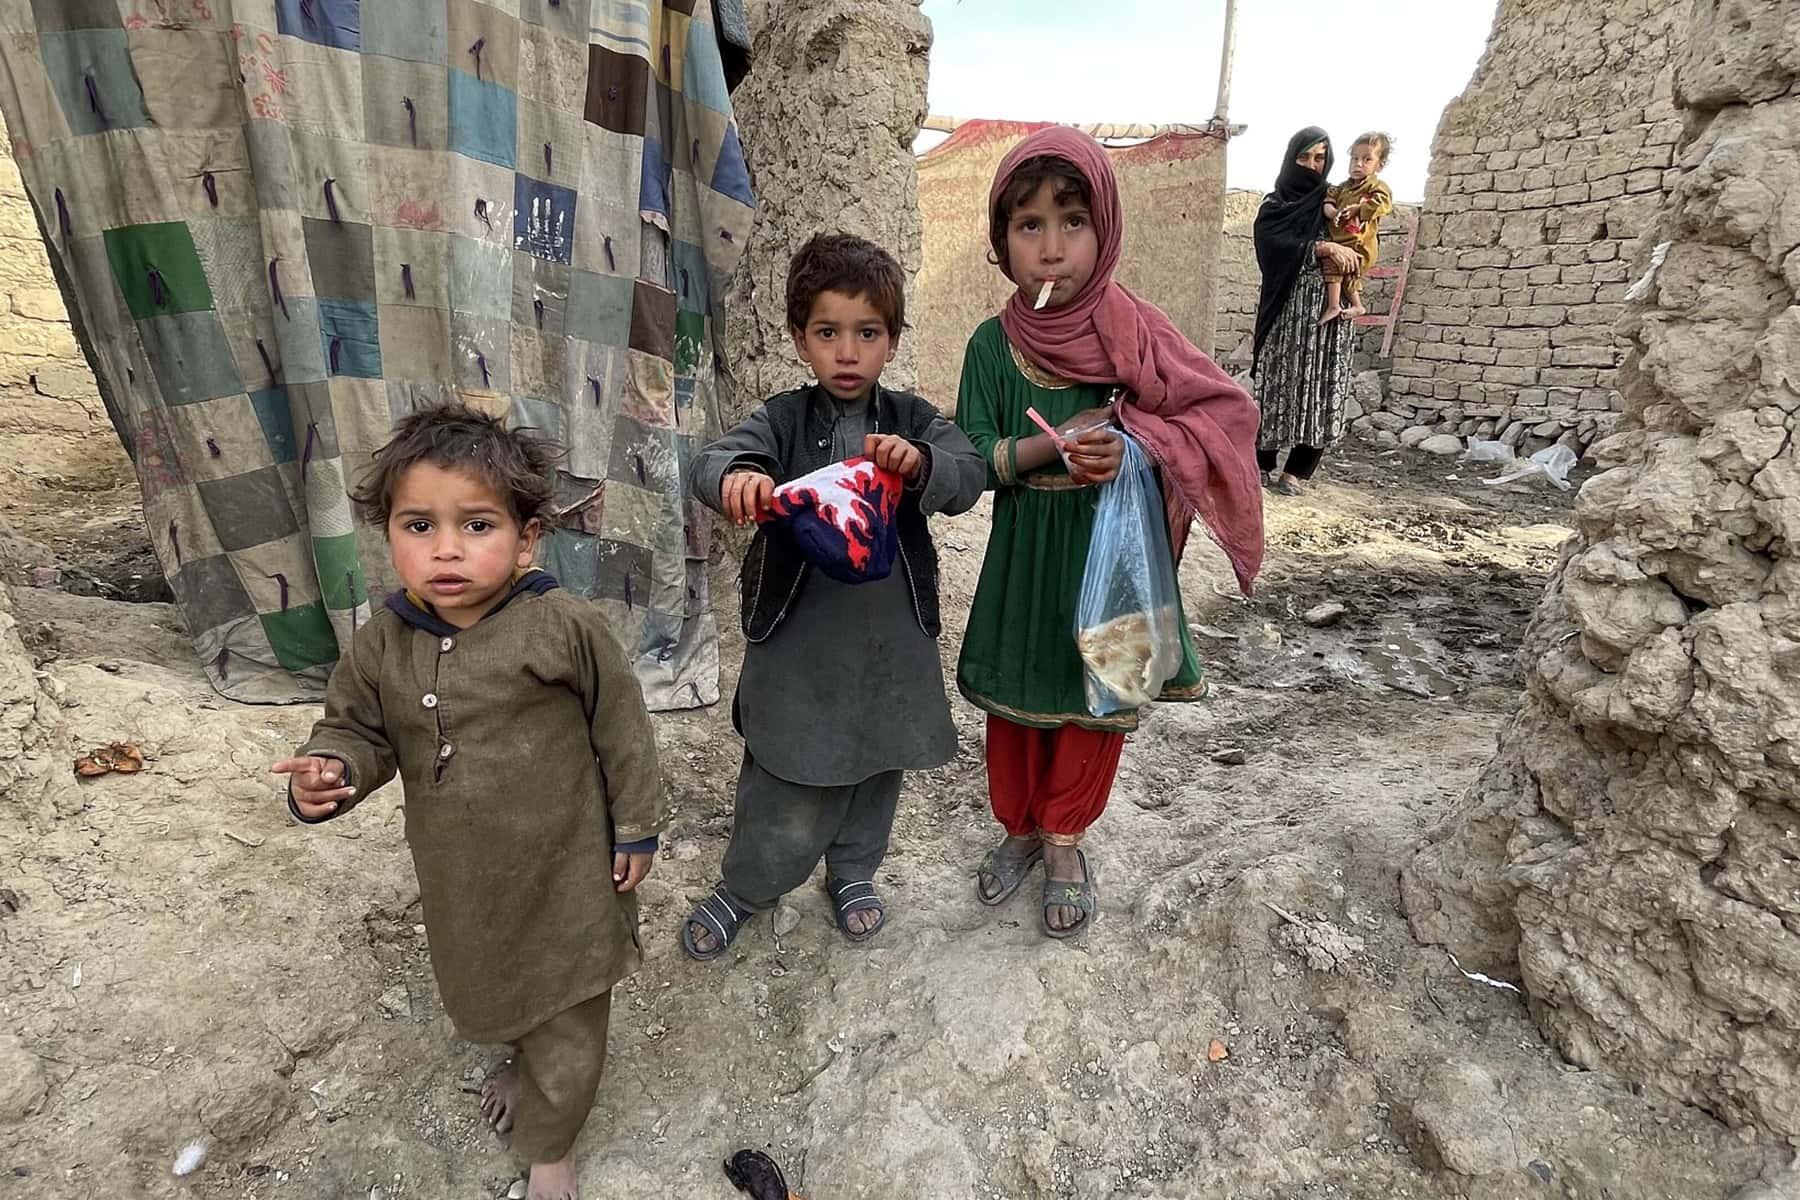 082221_AfghanEconomics_02